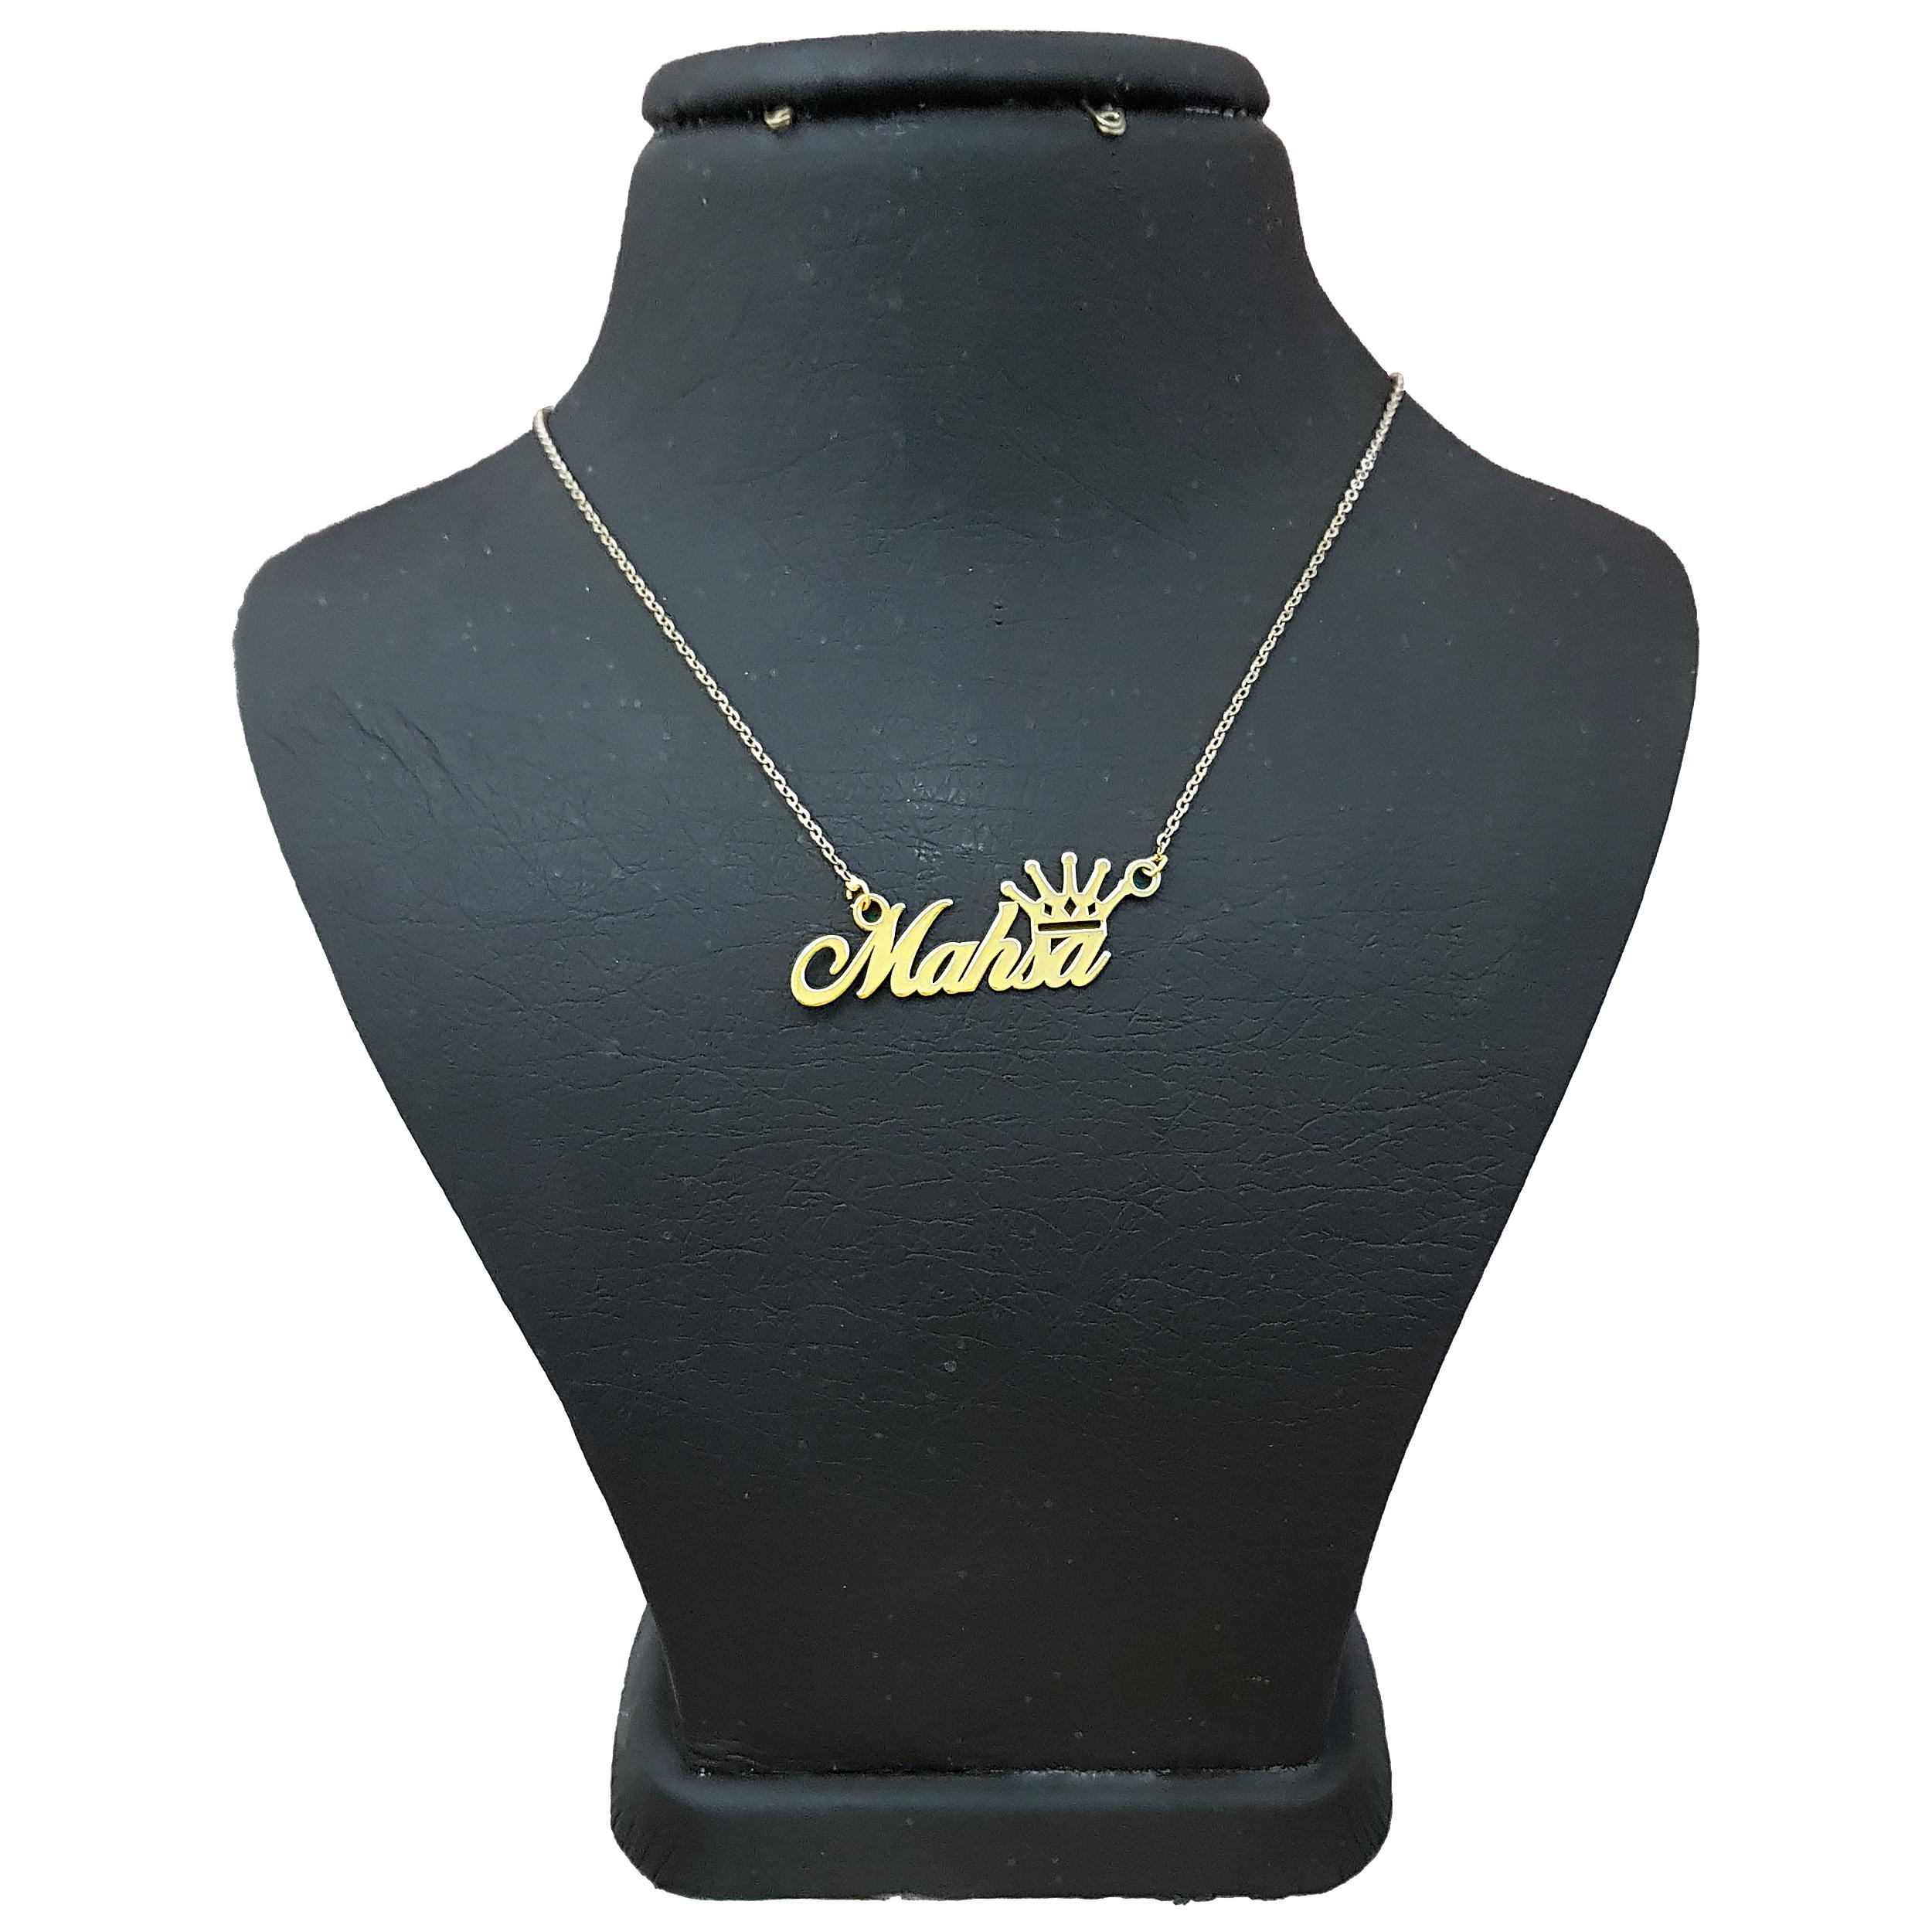 گردنبند نقره زنانه ترمه 1 طرح مهسا کد A-548